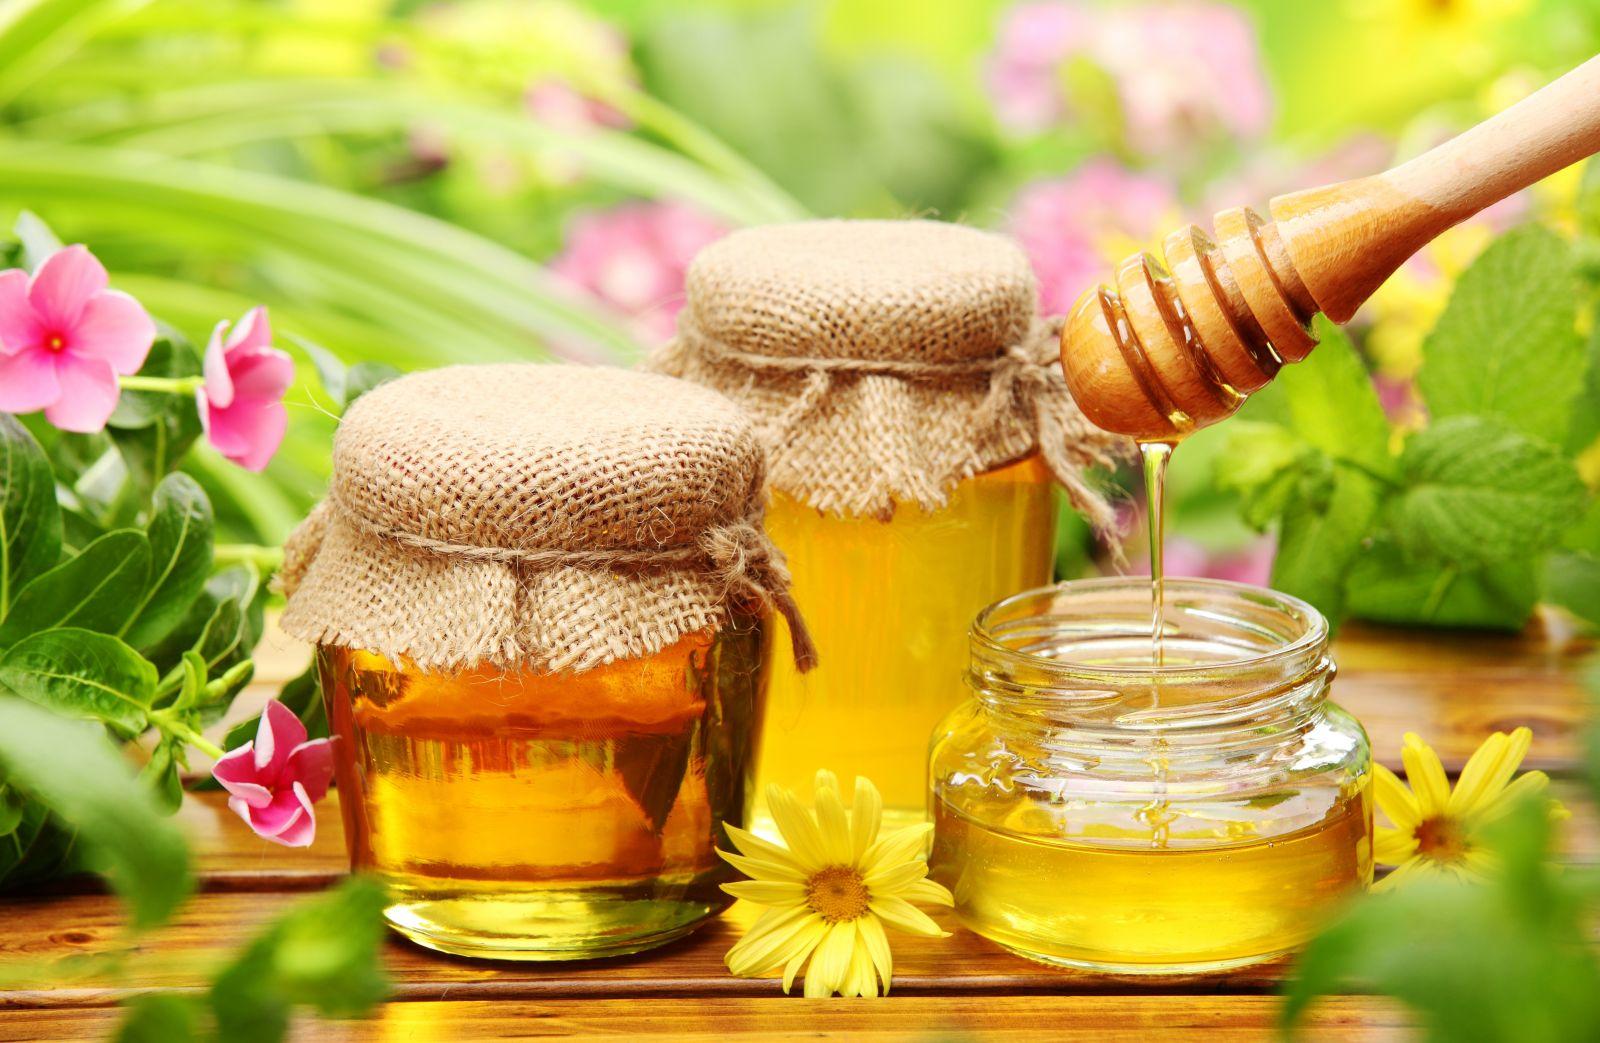 Od 100 uzoraka meda 53 neodgovarajućeg kvaliteta